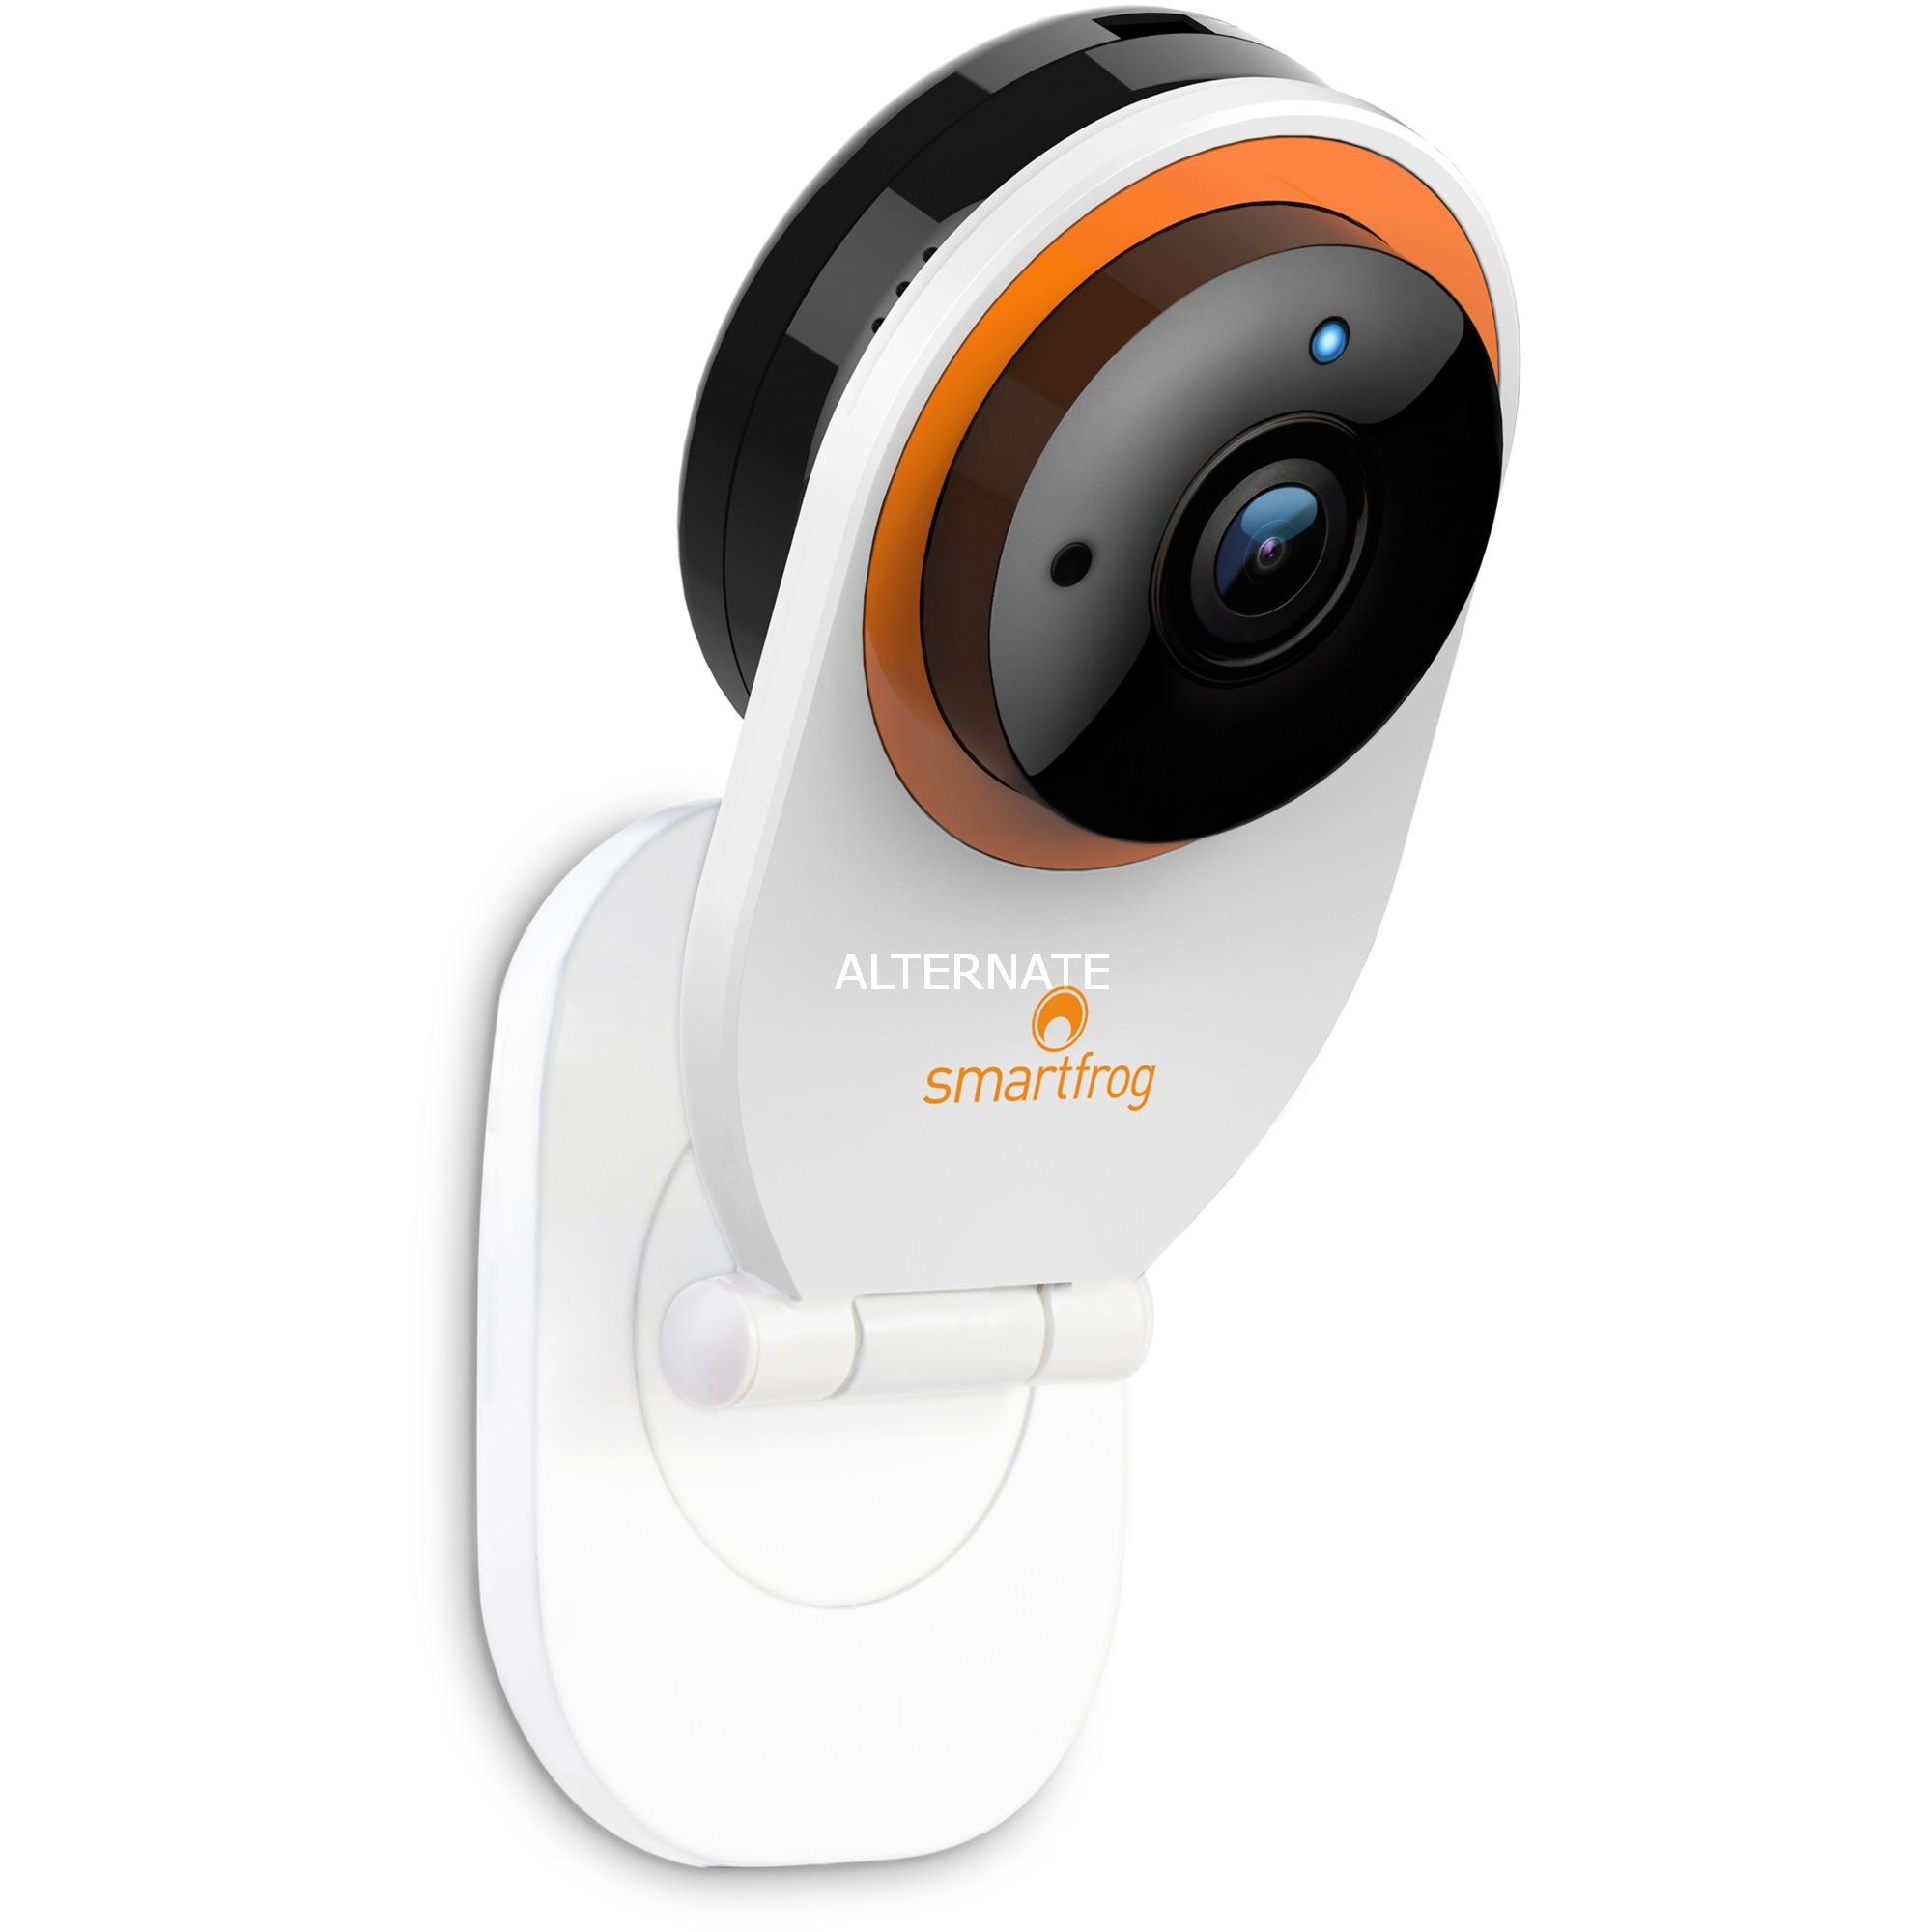 5391528090006 cámara de vigilancia Cámara de seguridad IP Interior Cubo Escritorio/pared 1280 x 720 Pixeles, Cámara de red